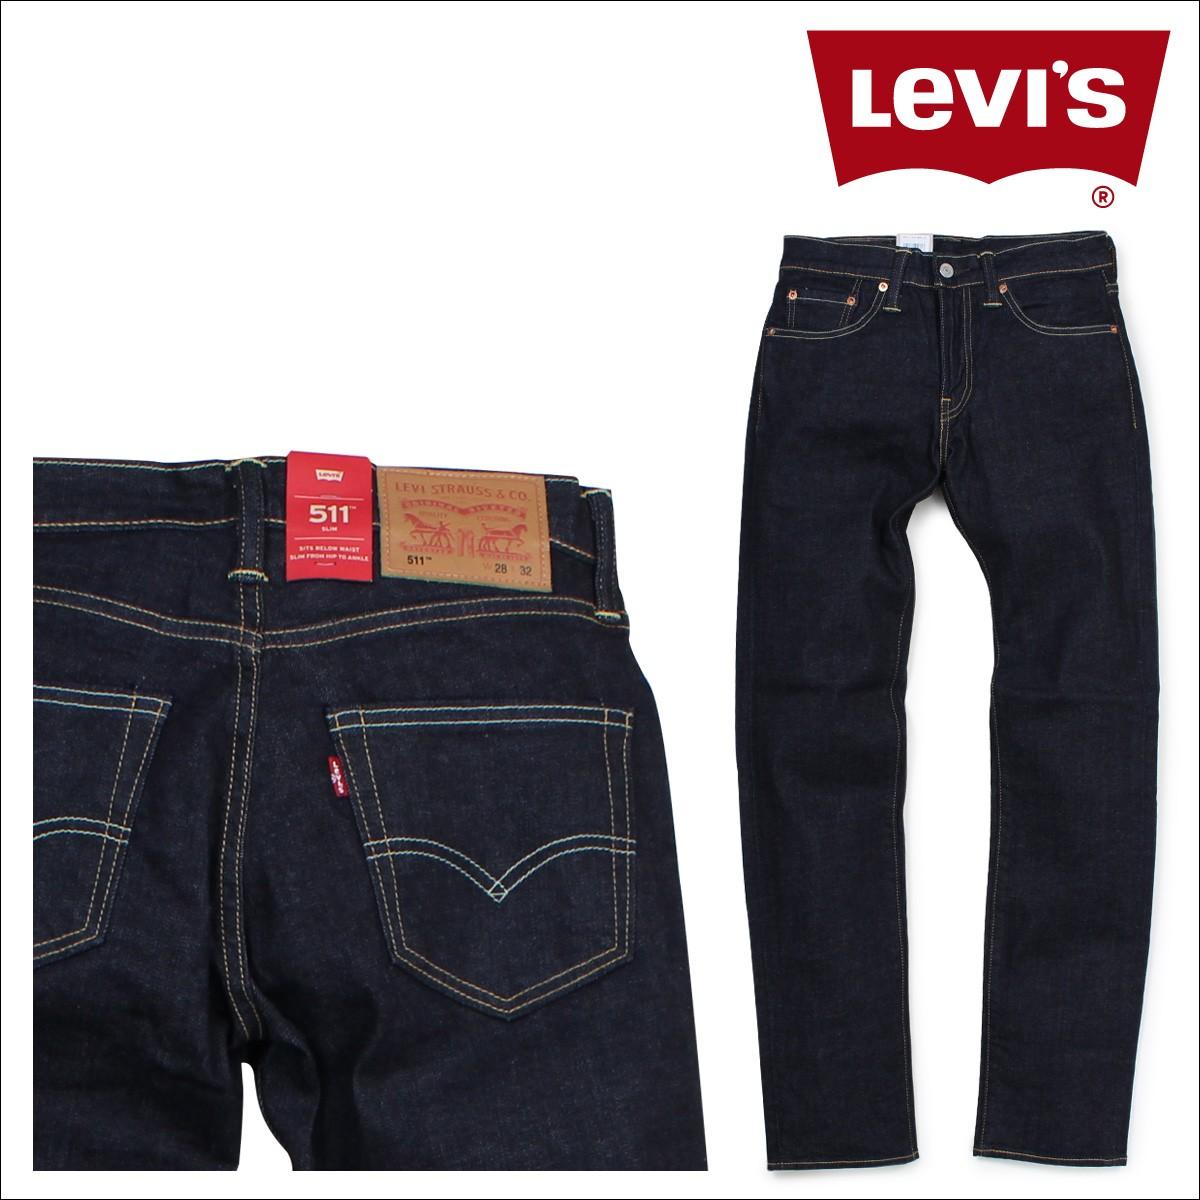 リーバイス 511 LEVI'S スリム メンズ デニム パンツ SLIM TAPERED FIT 00511-1322 [1/10 新入荷]